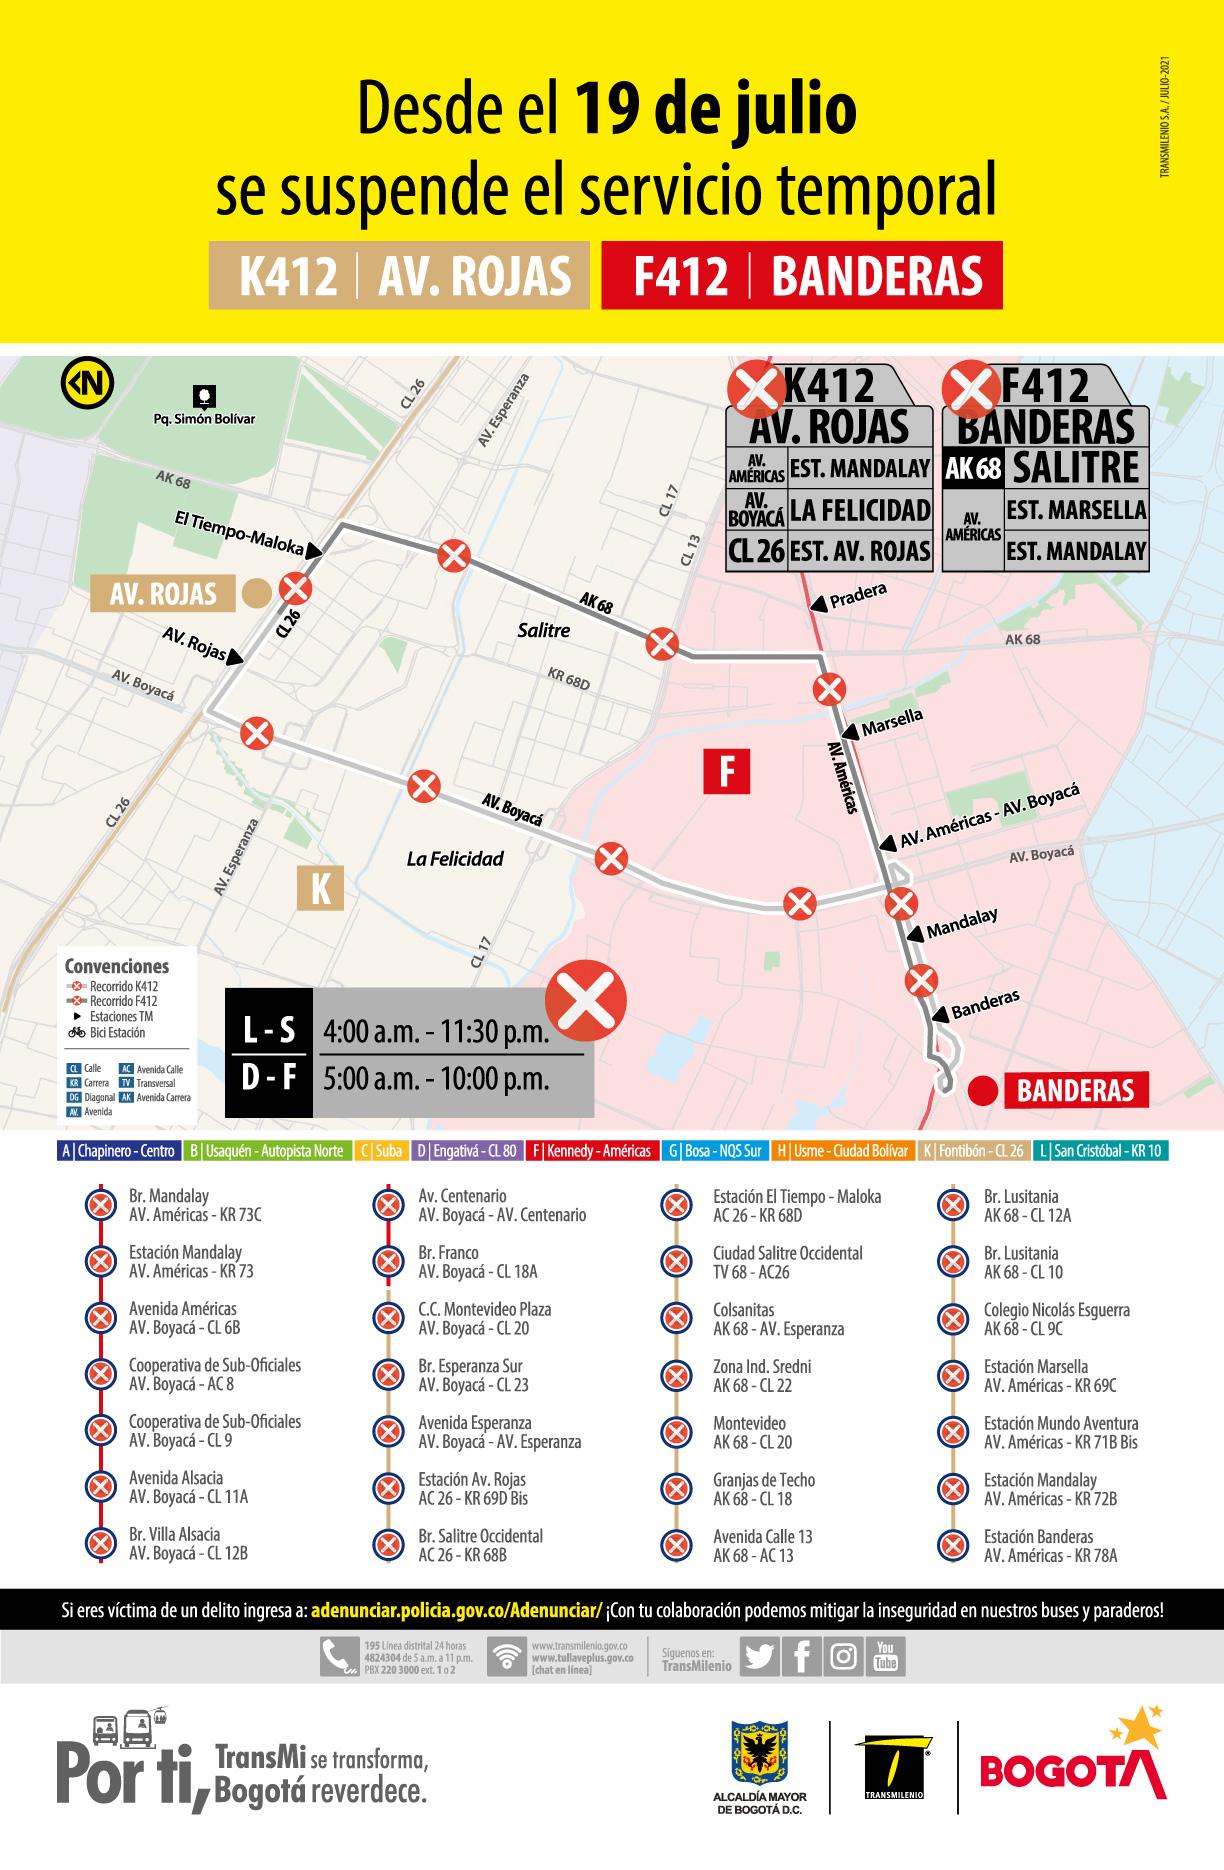 Ruta zonal temporal K412 Avenida Rojas - F412 Banderas suspende su operación